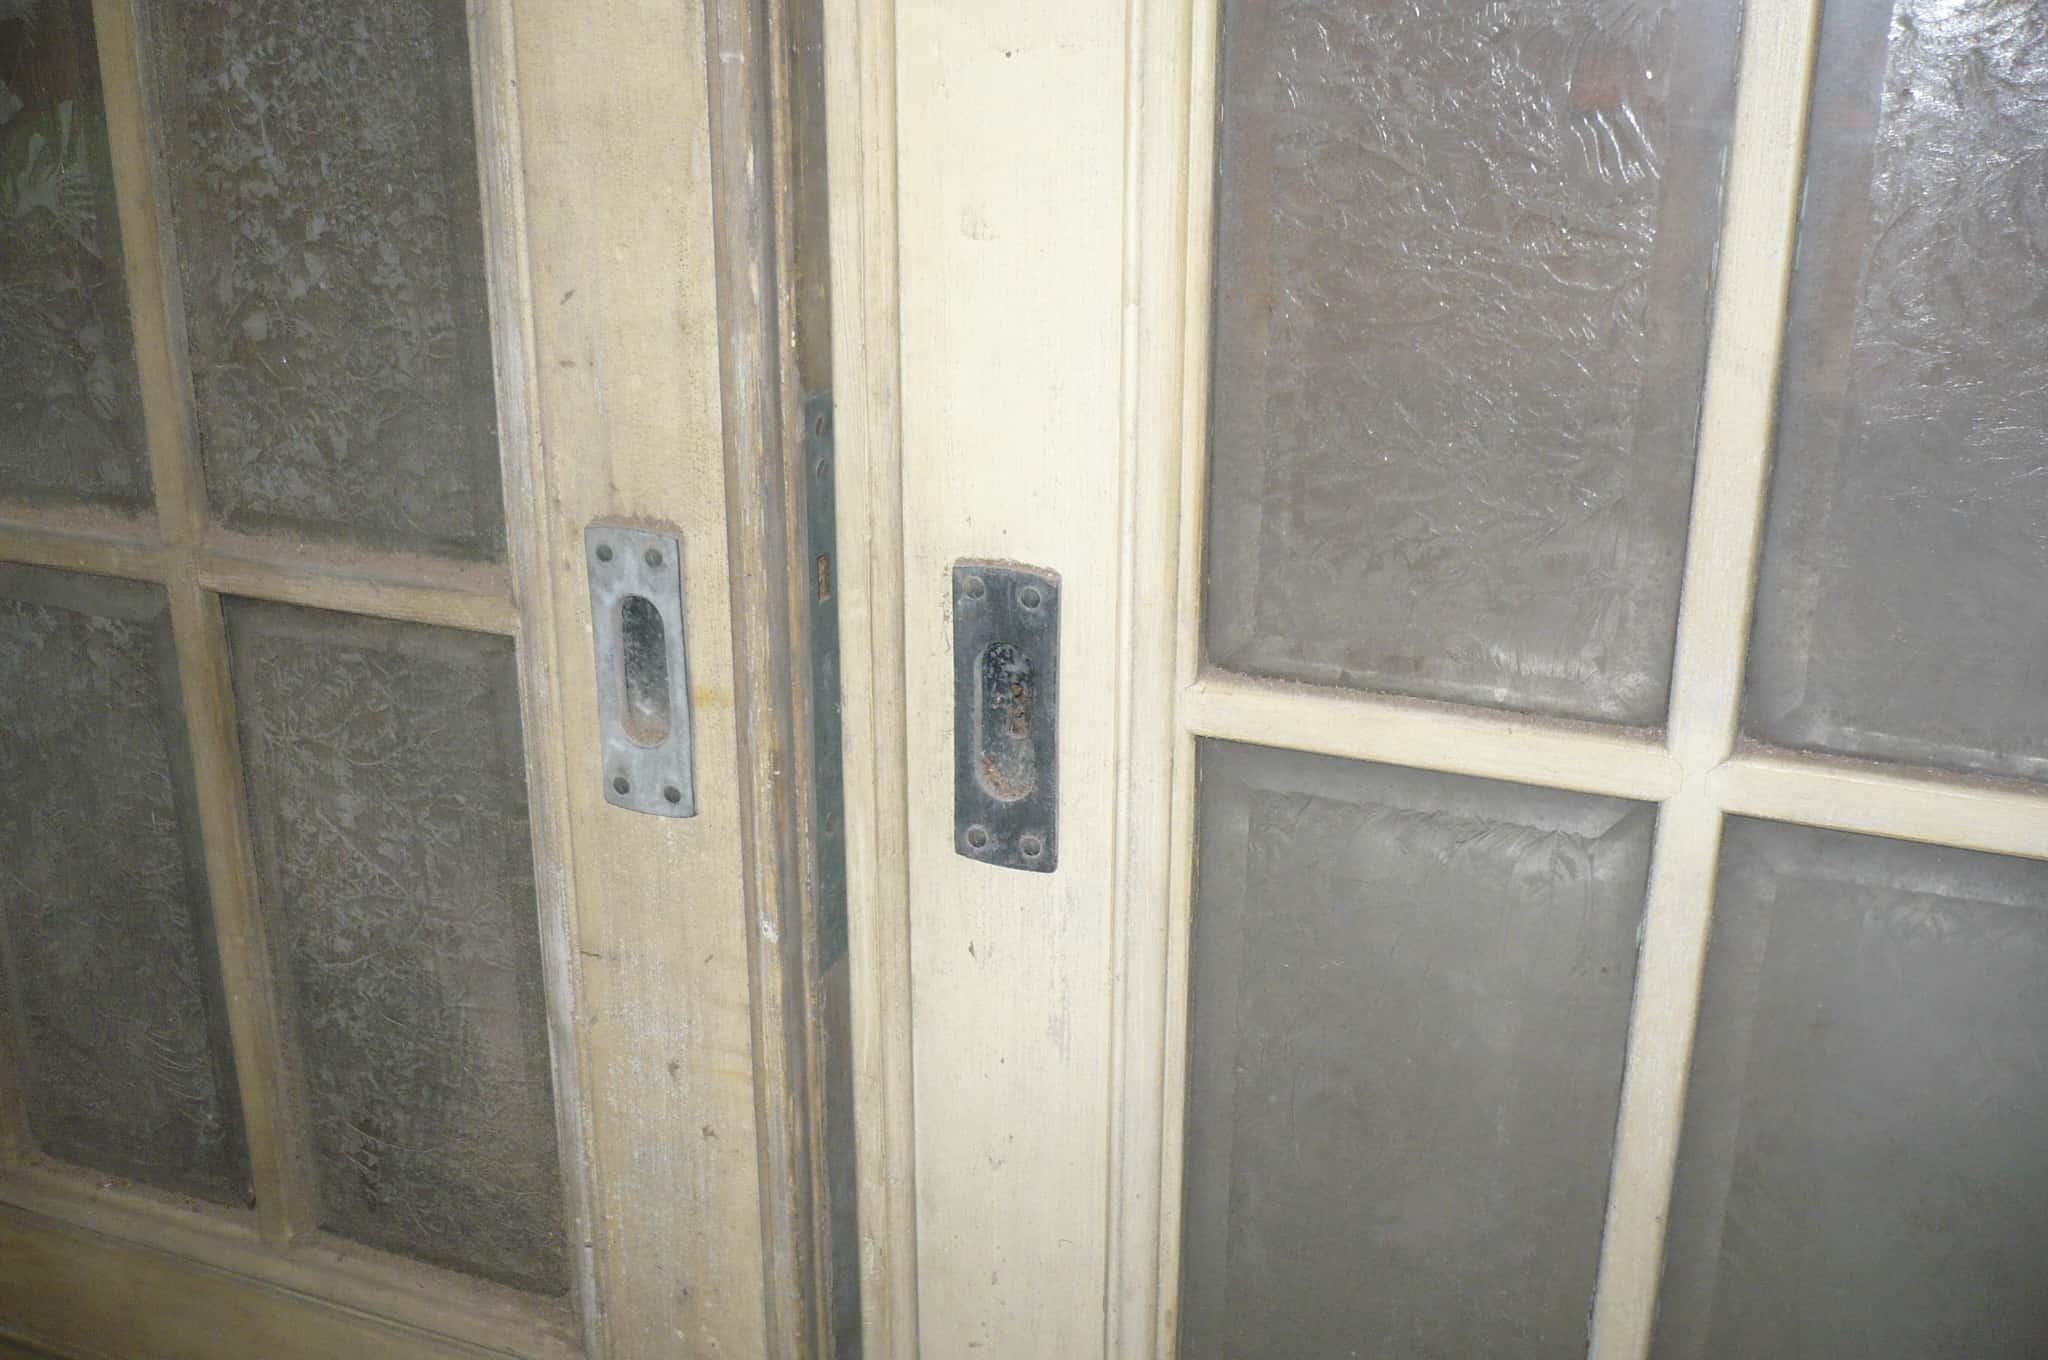 Paar Schiebetüren für Wohnraum, ca. 1910-1920, Eisblumenglas